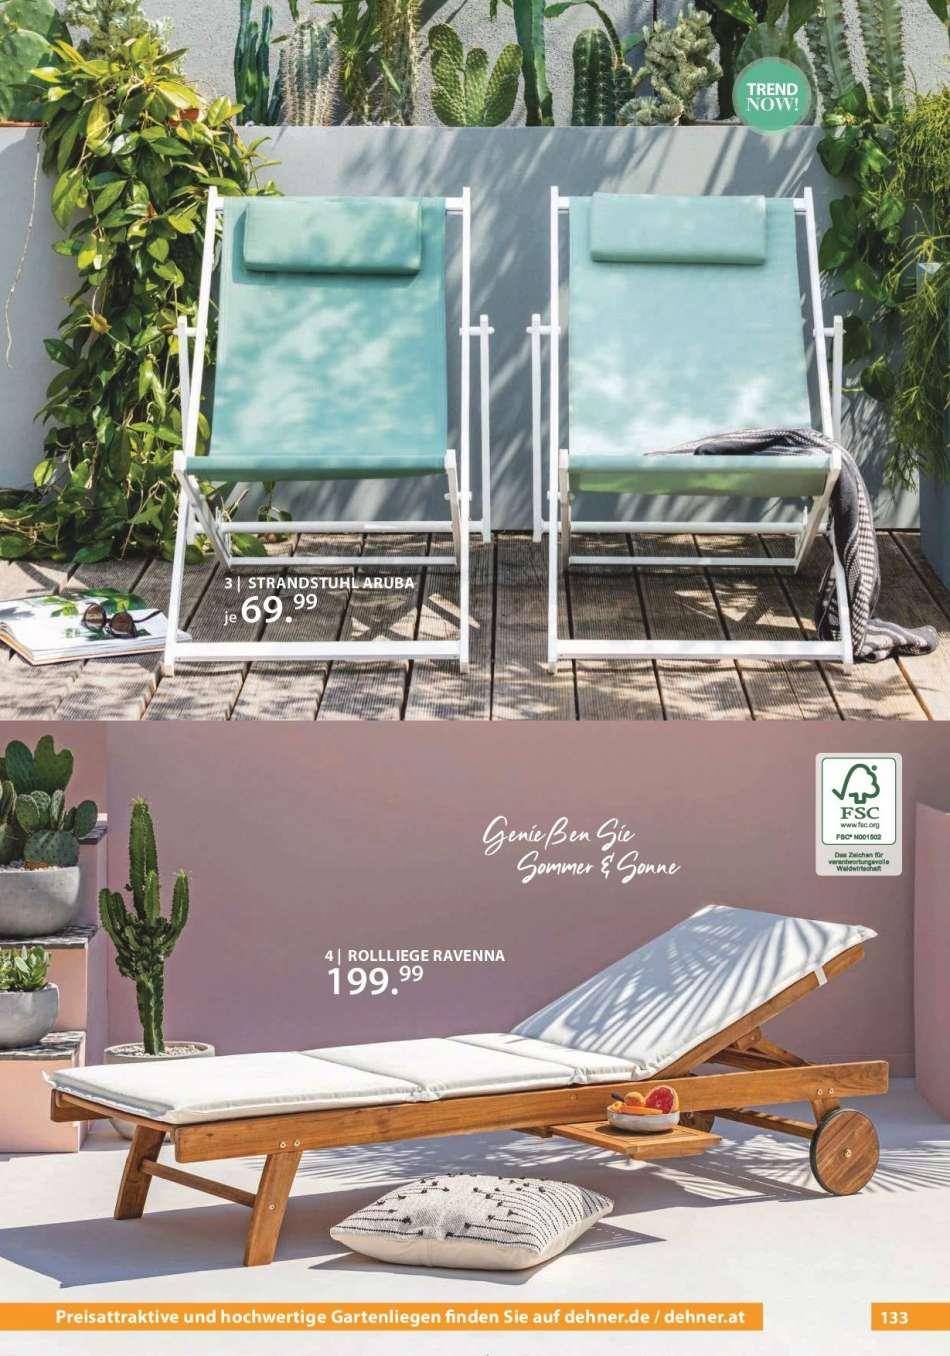 Full Size of Dehner Aktuelle Prospekte Rabatt Kompass Relaxsessel Garten Aldi Wohnzimmer Sonnenliege Aldi